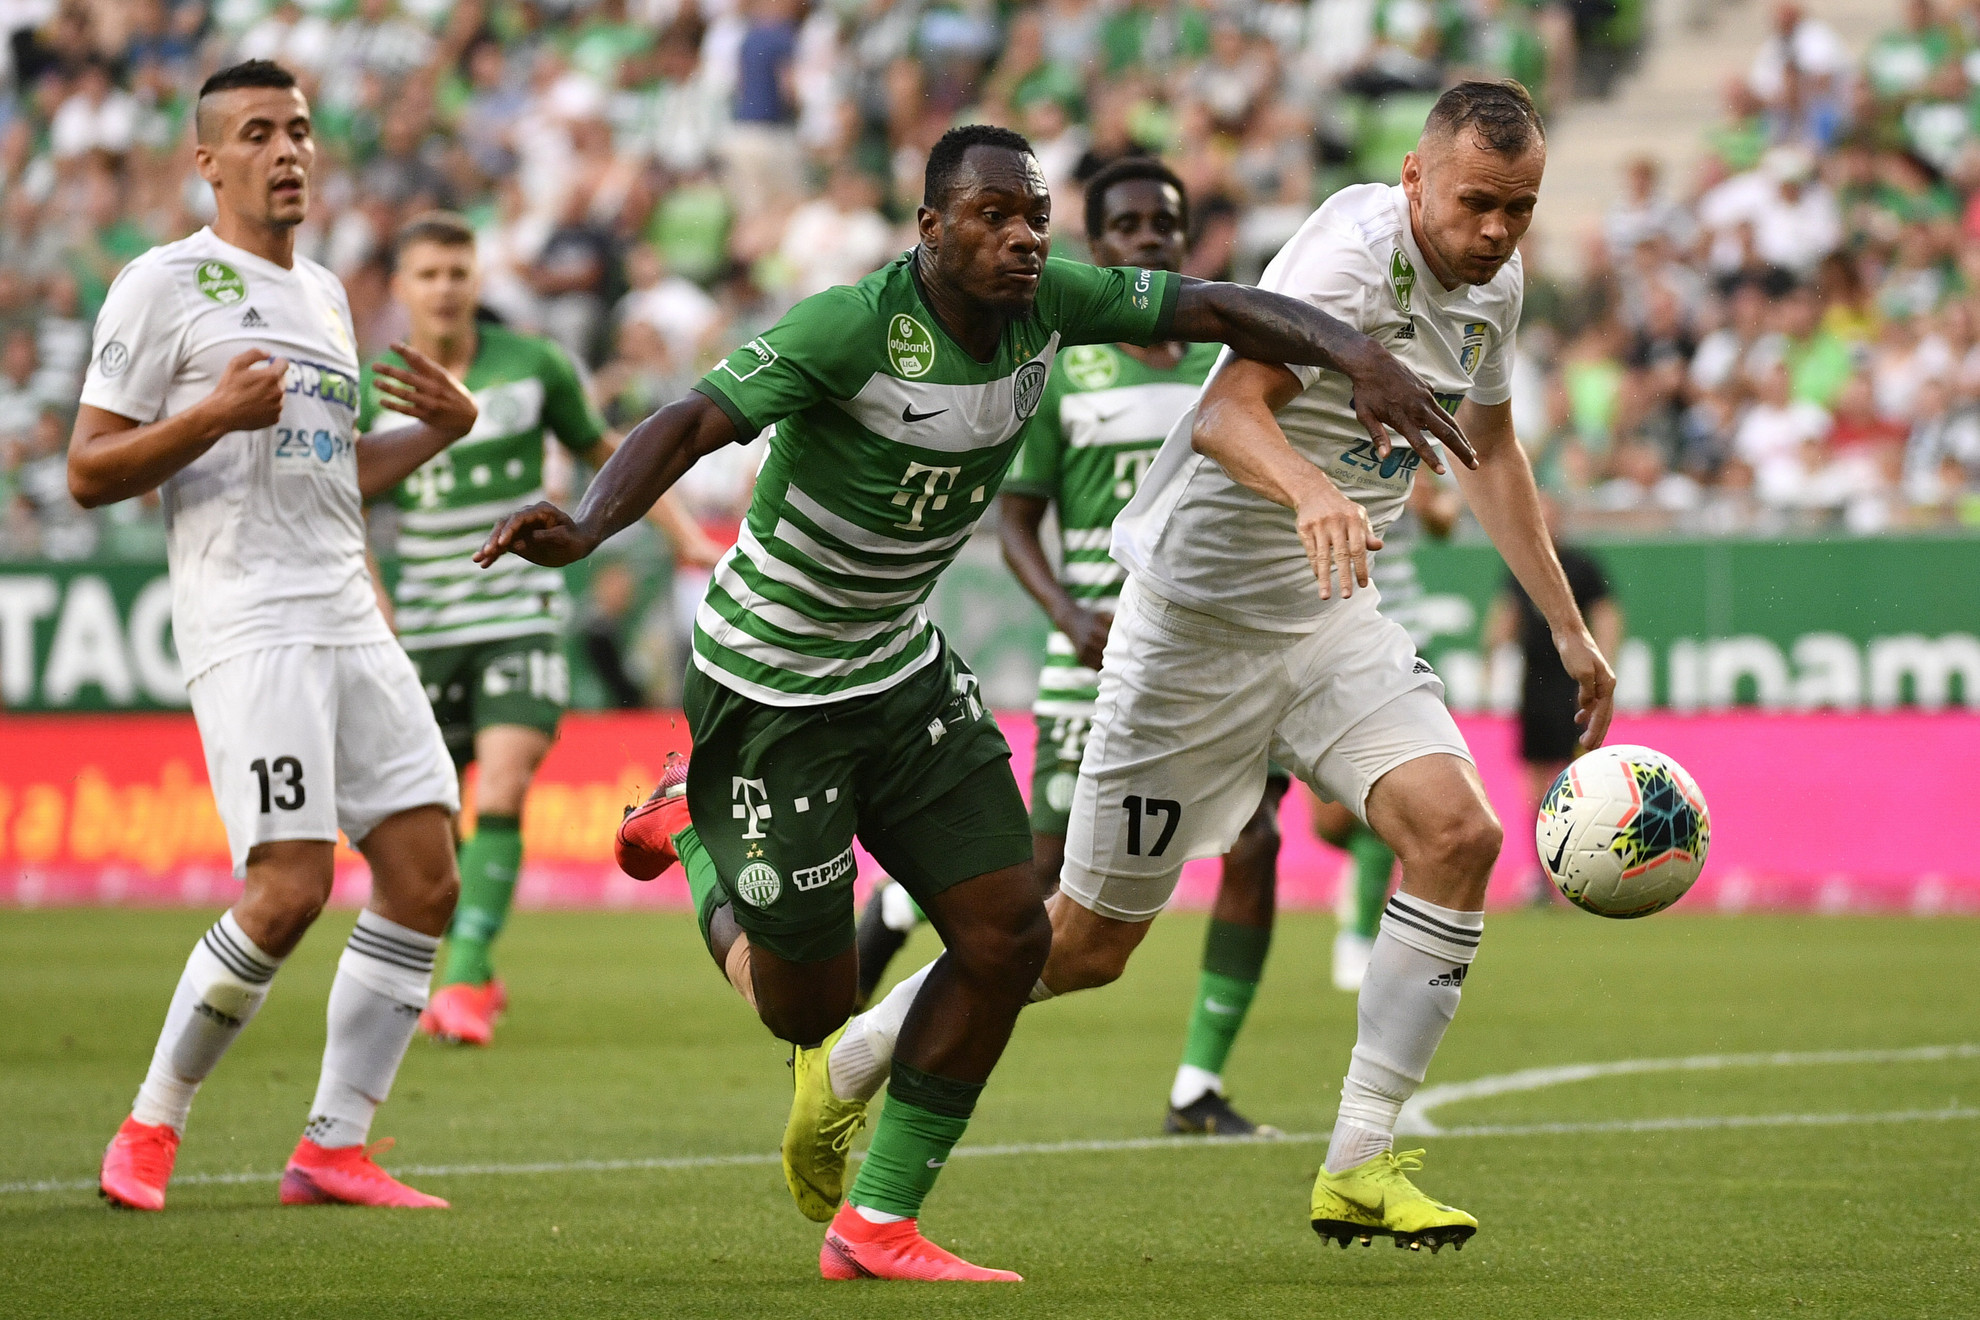 A ferencvárosi Sylvestre Bi Boli (k), a mezőkövesdi Pillár Róbert (j) és Berecz Zsombor (b) a labdarúgó OTP Bank Liga 33., utolsó fordulójában játszott Ferencvárosi TC -Mezőkövesd Zsóry FC mérkőzésen a Groupama Arénában 2020. június 27-én